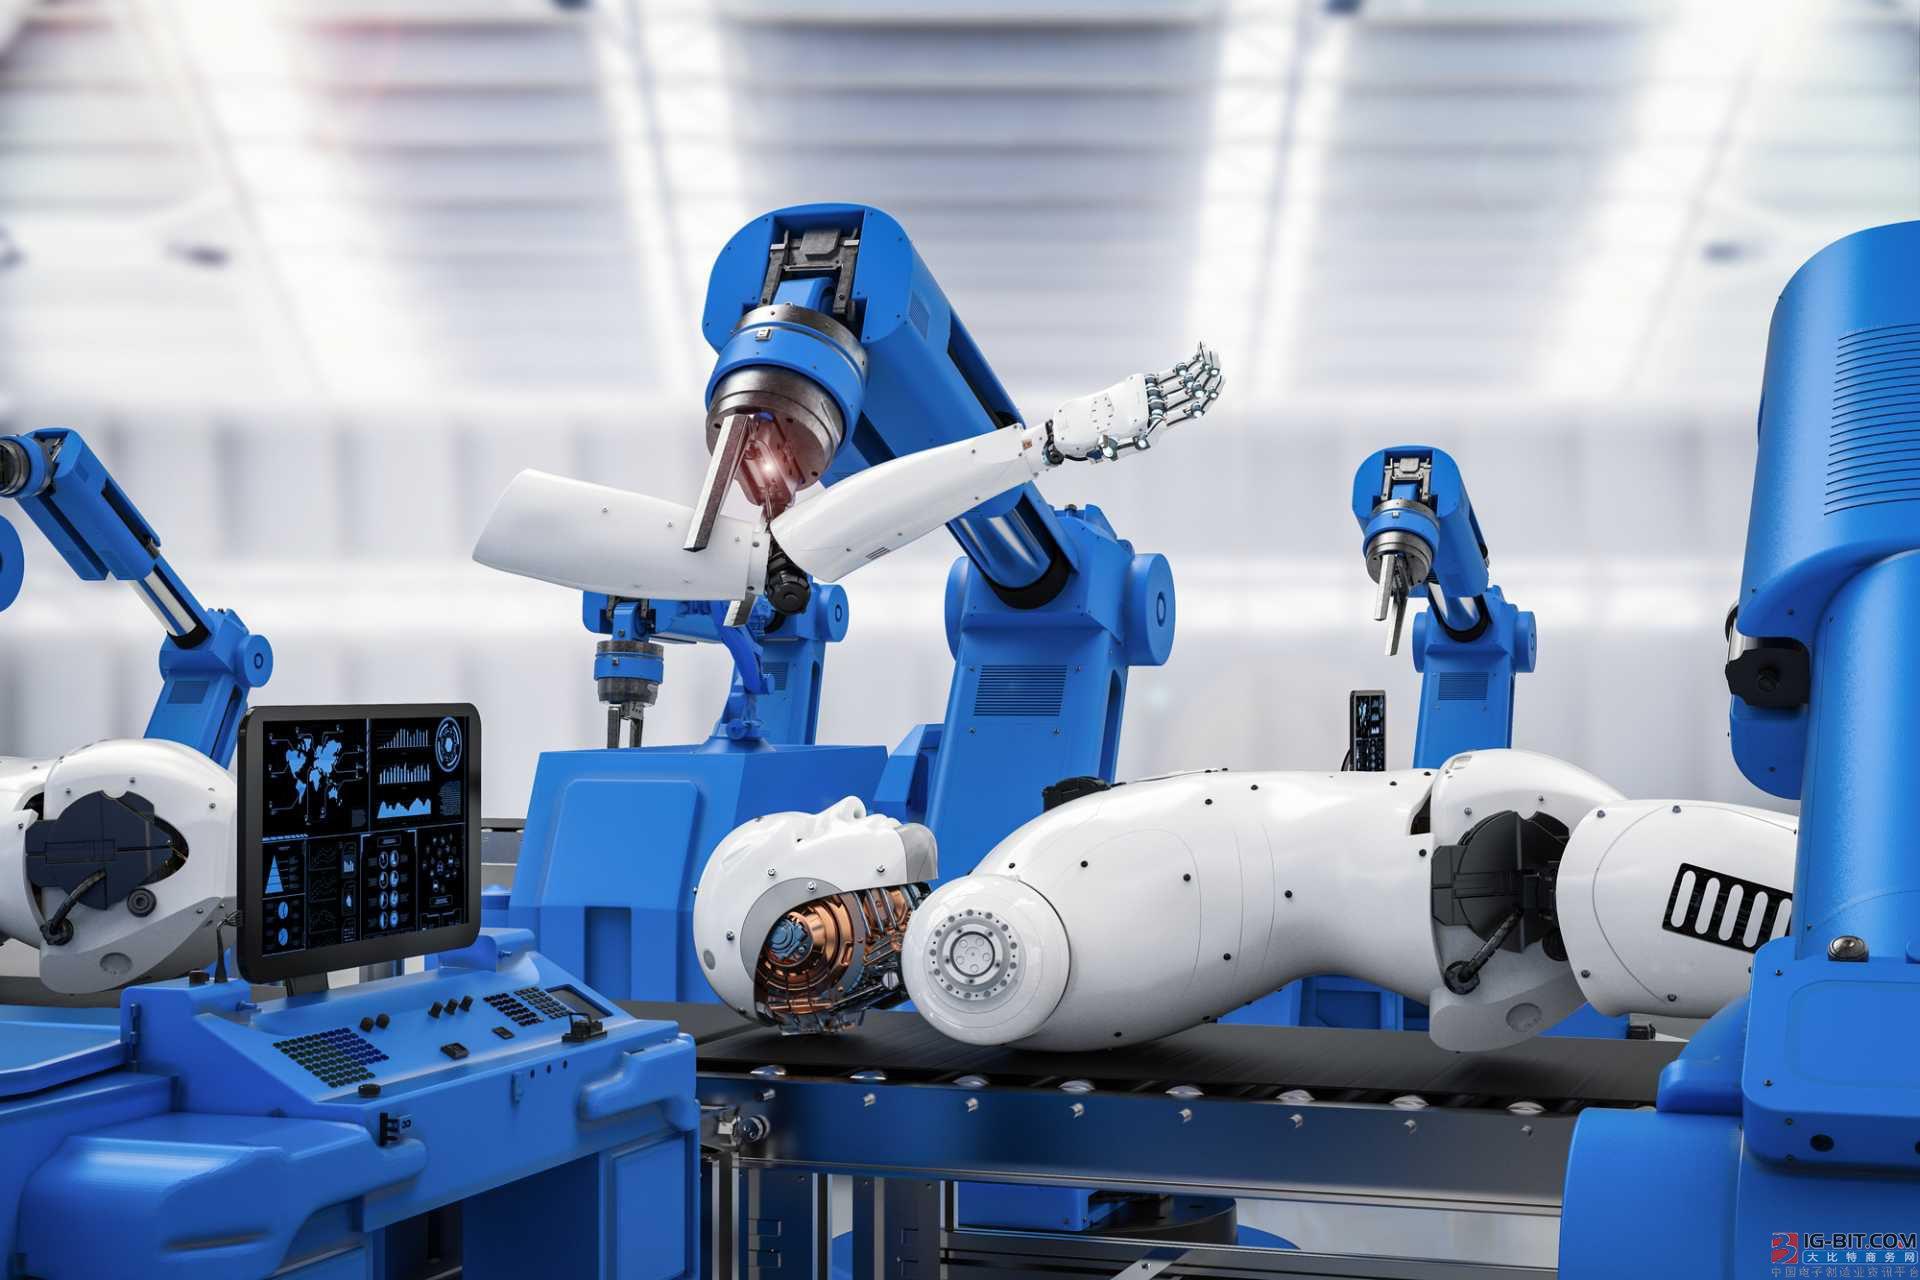 美的工业自动化助力打造国内首条全自动装配式整装卫浴生产线